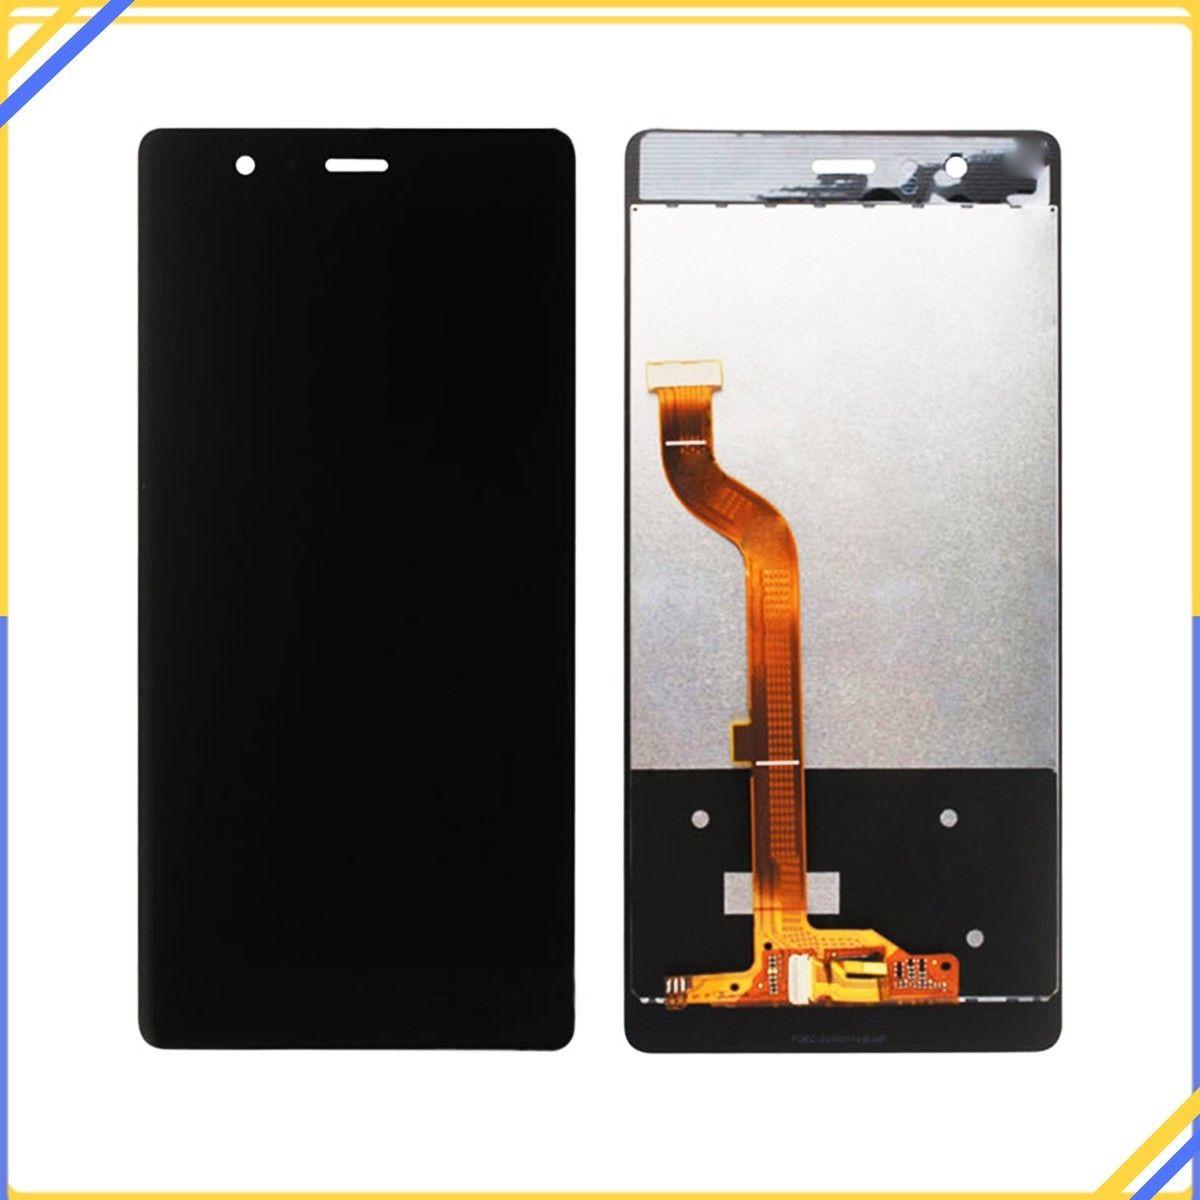 Für Huawei P9 LCD Display Touchscreen Handy Lcds Digitizer Assembly Ersatzteile Mit Kostenlose Tools